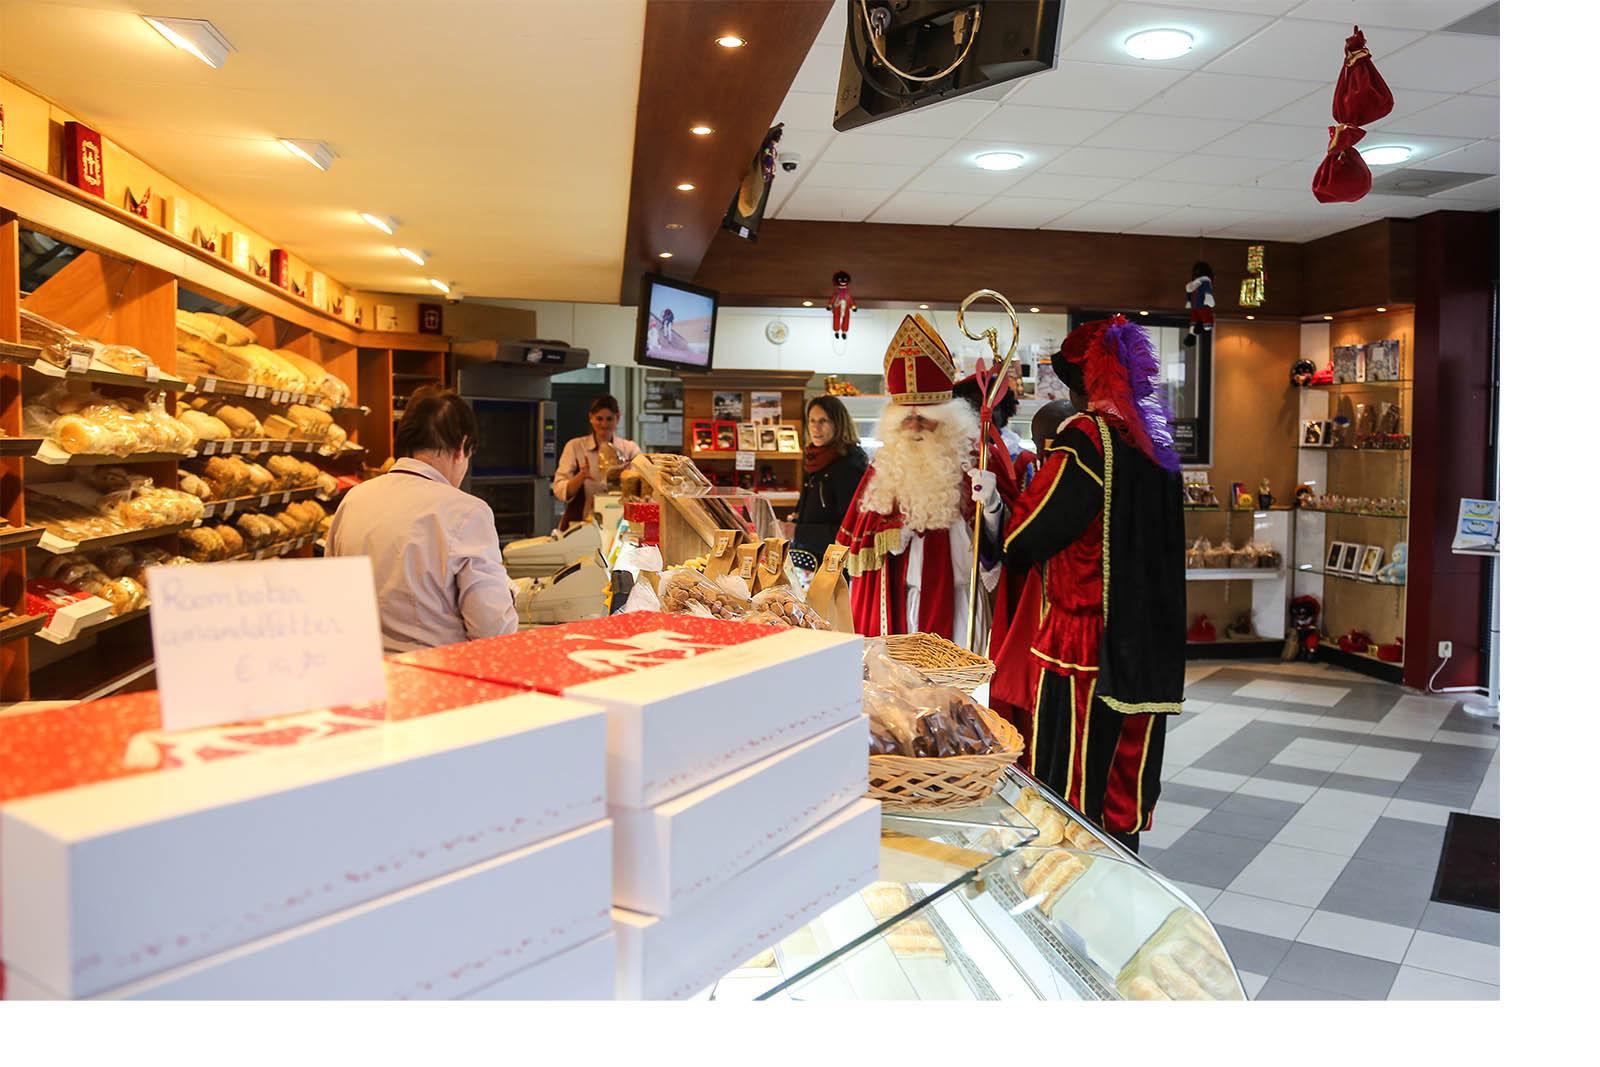 Winkelcentrum Parijsch 2018 Culemborg_0015_©John Verhagen-Sinterklaas 2018-0125.jpg